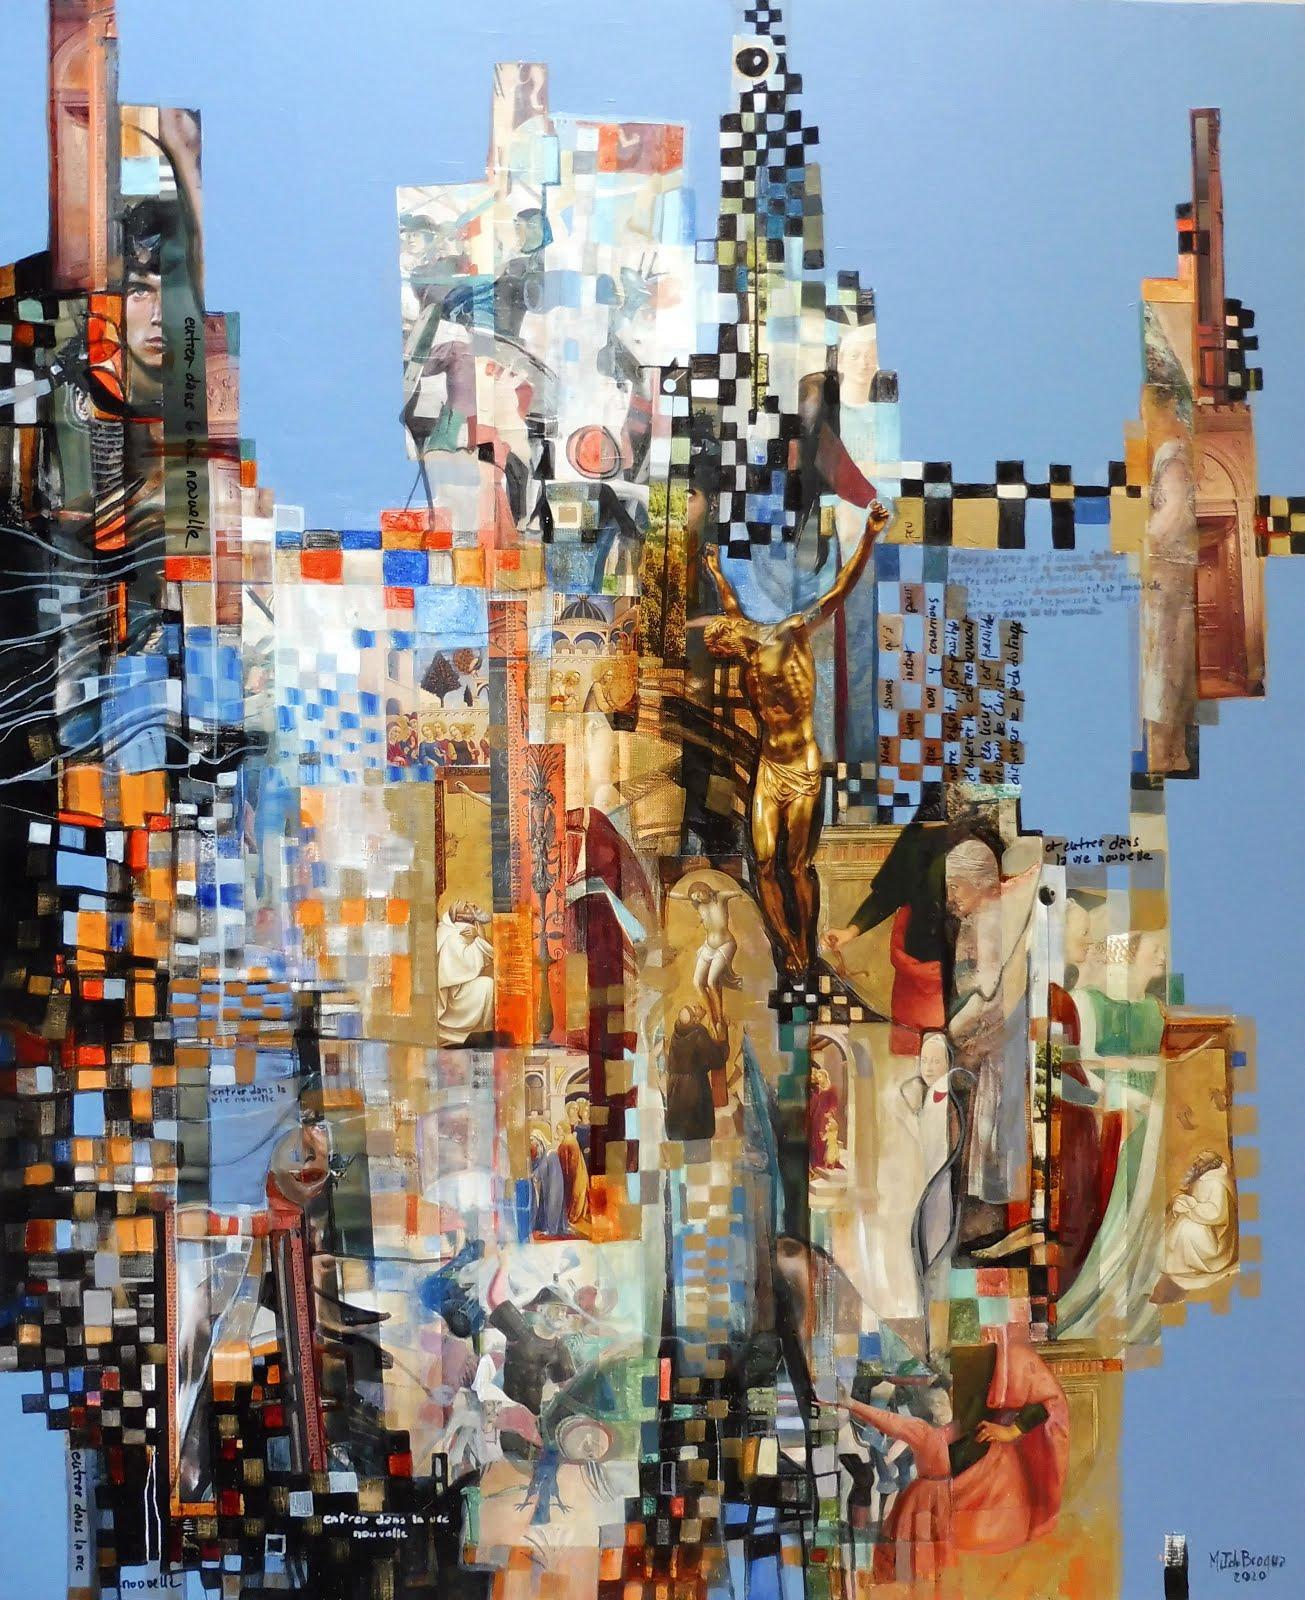 Entrer dans la vie nouvelle - 81 x 100 cm - 2020